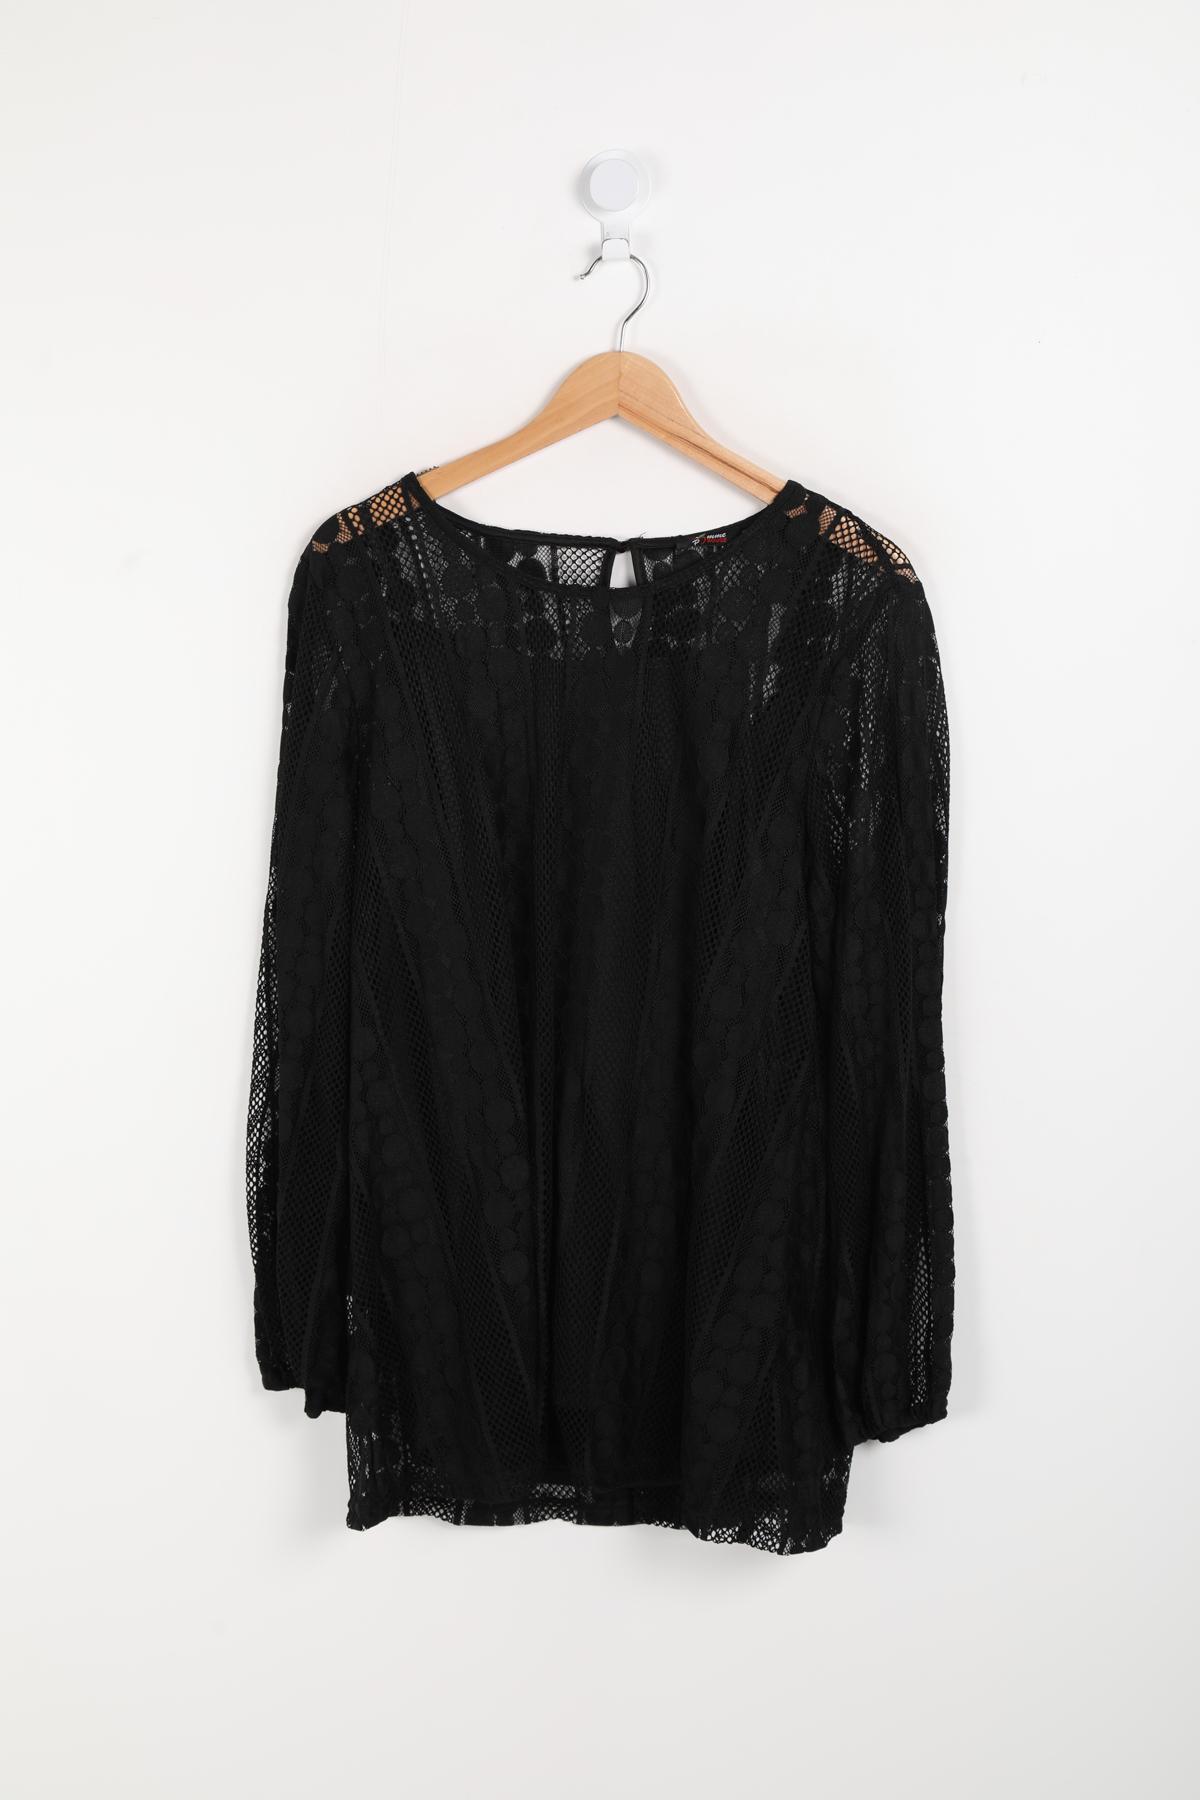 blouse grande taille femme pomme rouge c6186 noir 42-56